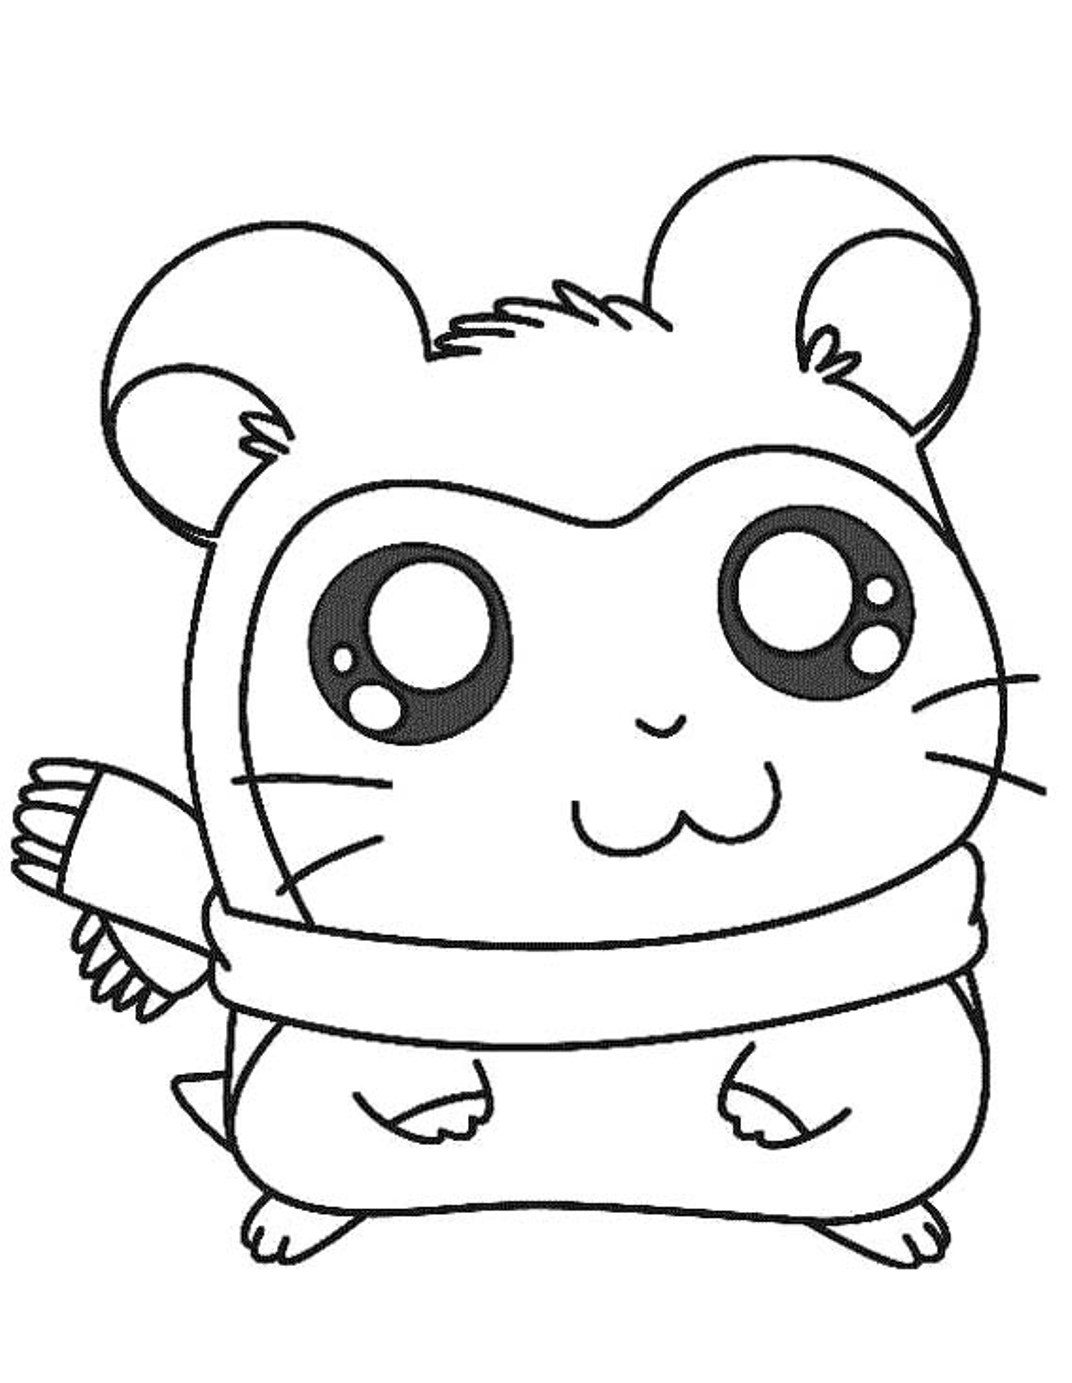 1072x1383 Hamtaro Coloring Pages Adorable Pashmina Cartoon